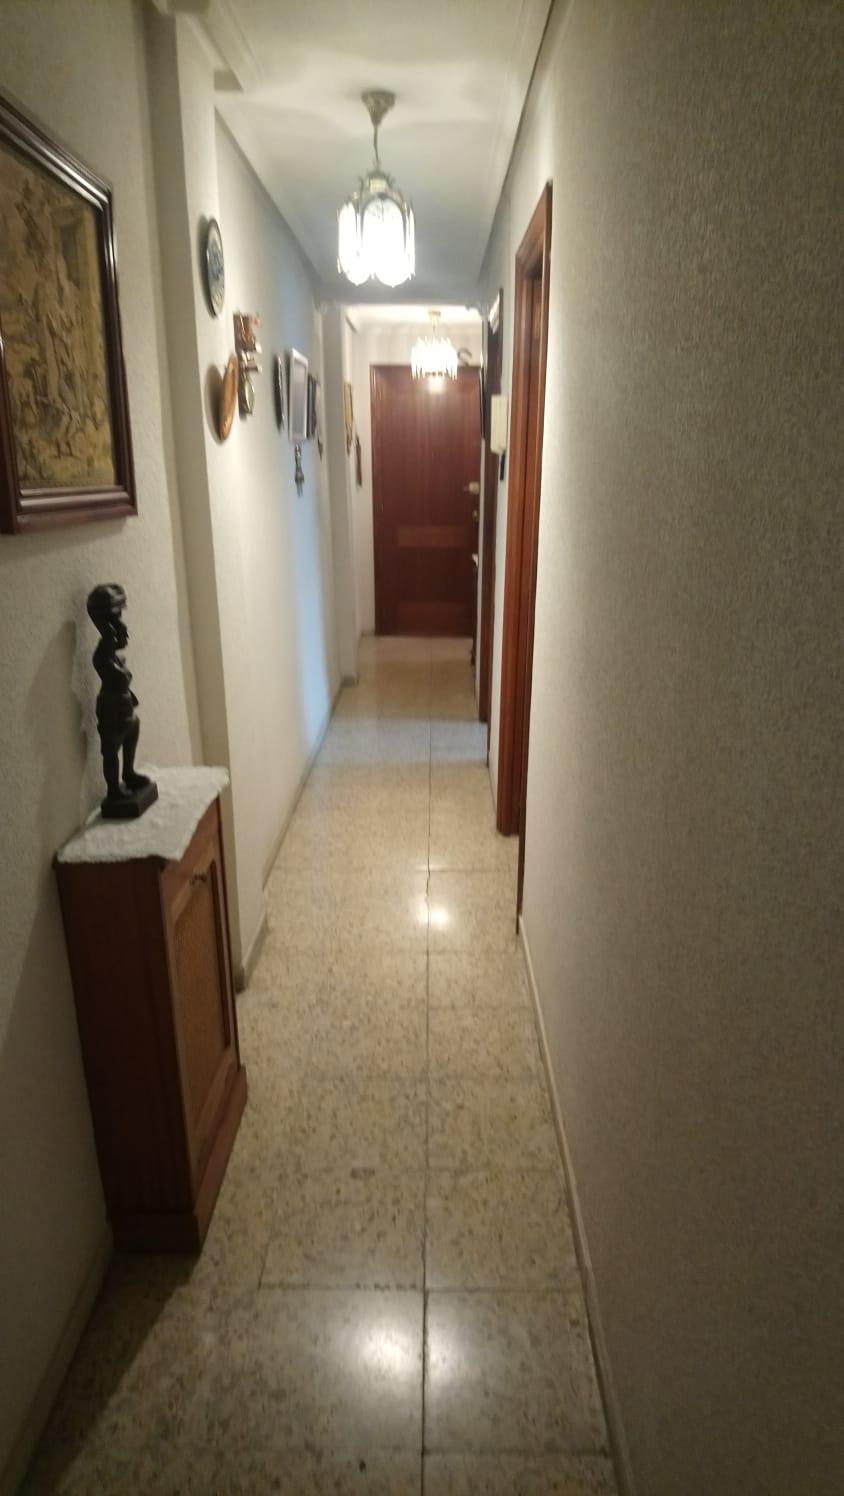 PISO DE TRES DORMITORIOS EN CALLE REGATO DEL ANIS (REF: 61LL) - foto 11 7a192d98-97b5-4910-93b1-063a6a2e450f.jpg